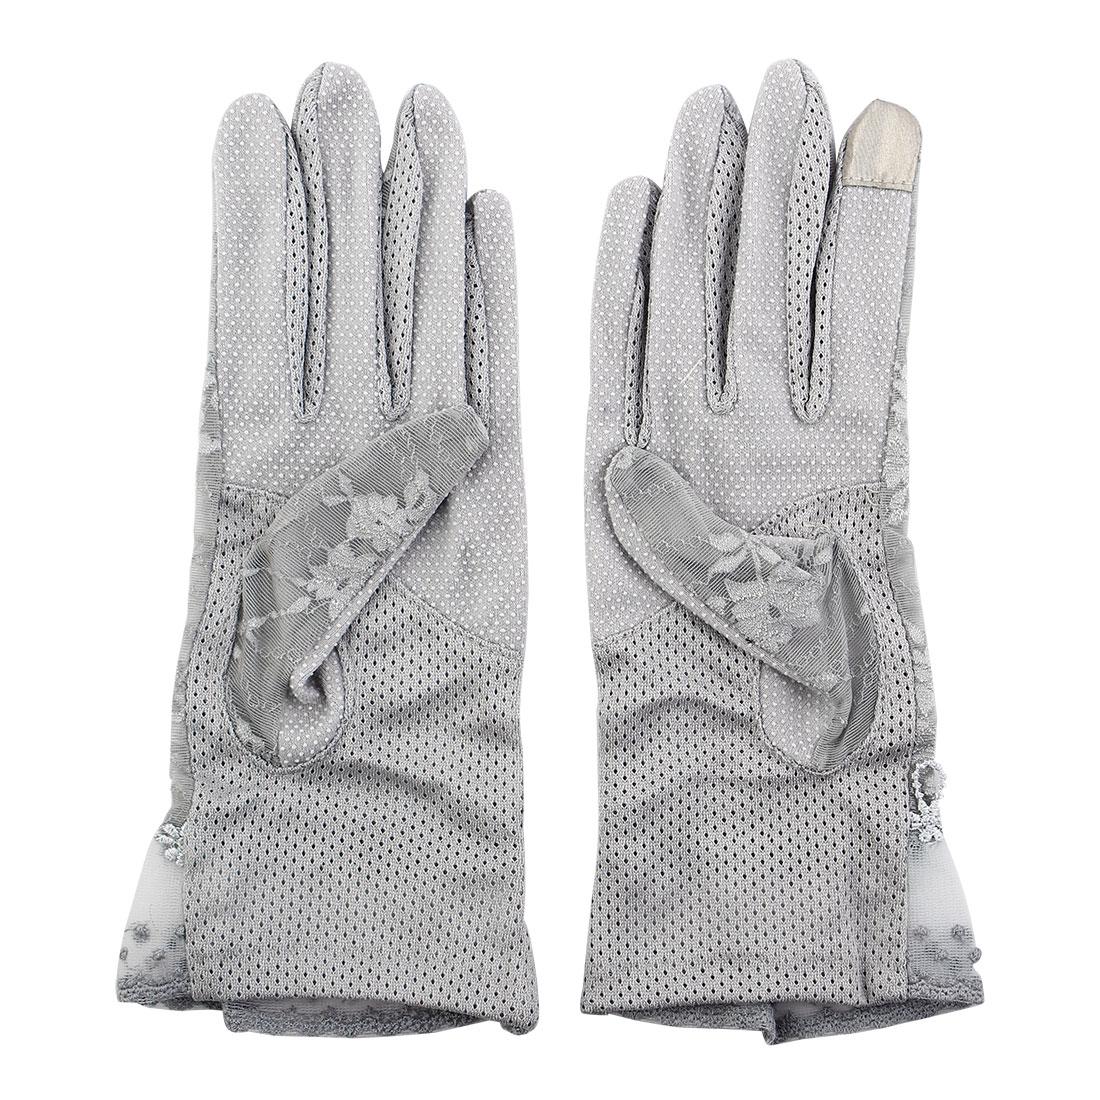 Outdoor Travel Driving Flower Lace Decor Wrist Length Full Finger Sun Resistant Gloves Gray Pair for Women